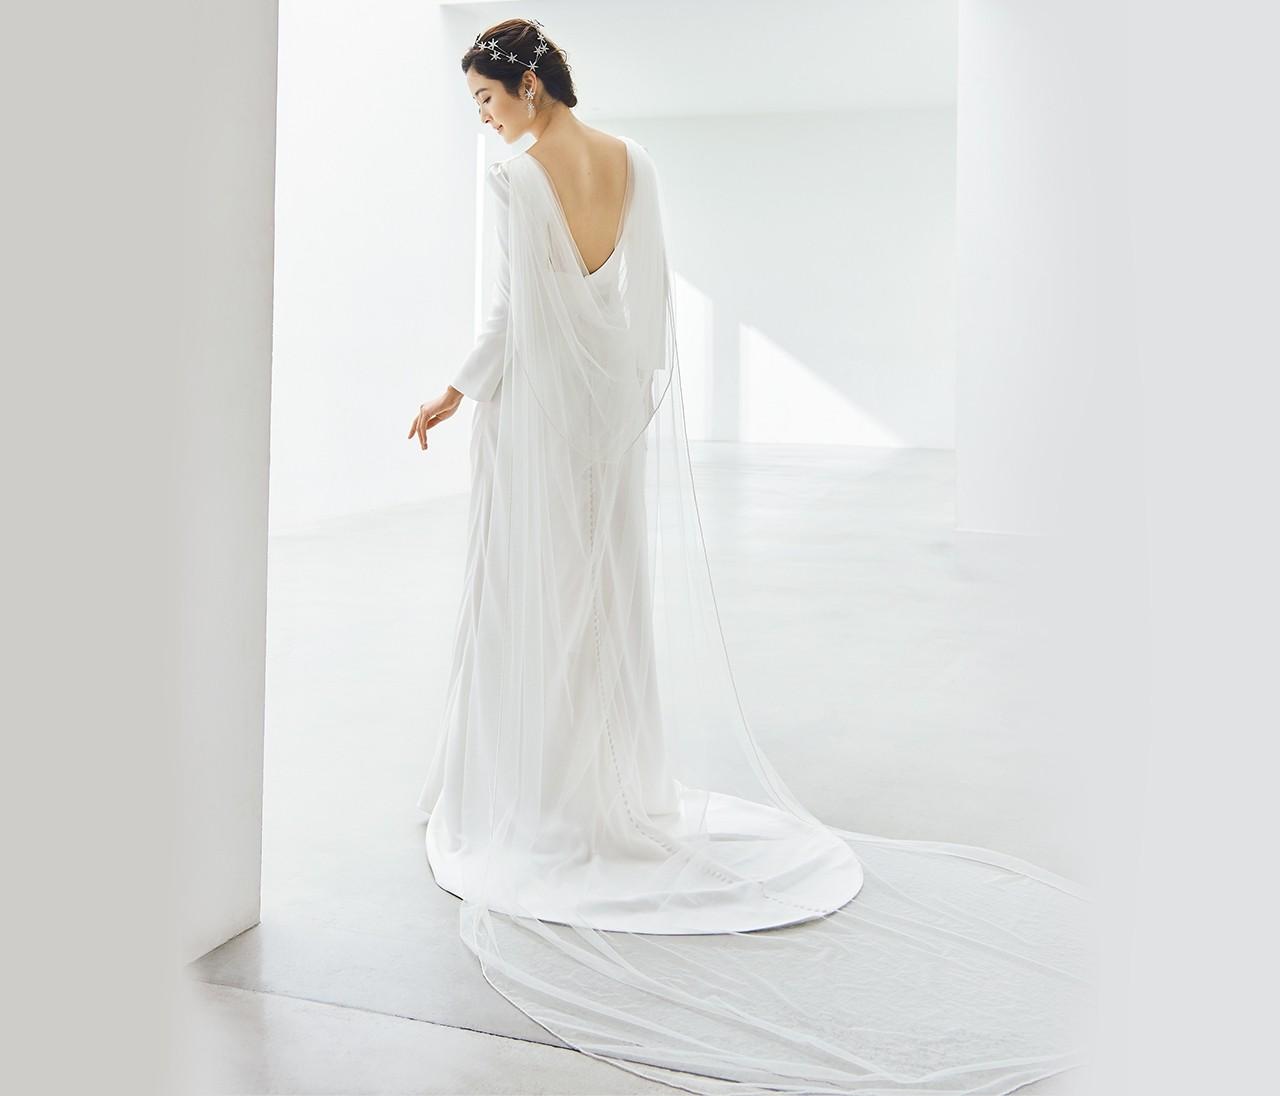 モダンでハイセンスなウェディングドレスで自分だけの最高に輝く瞬間を